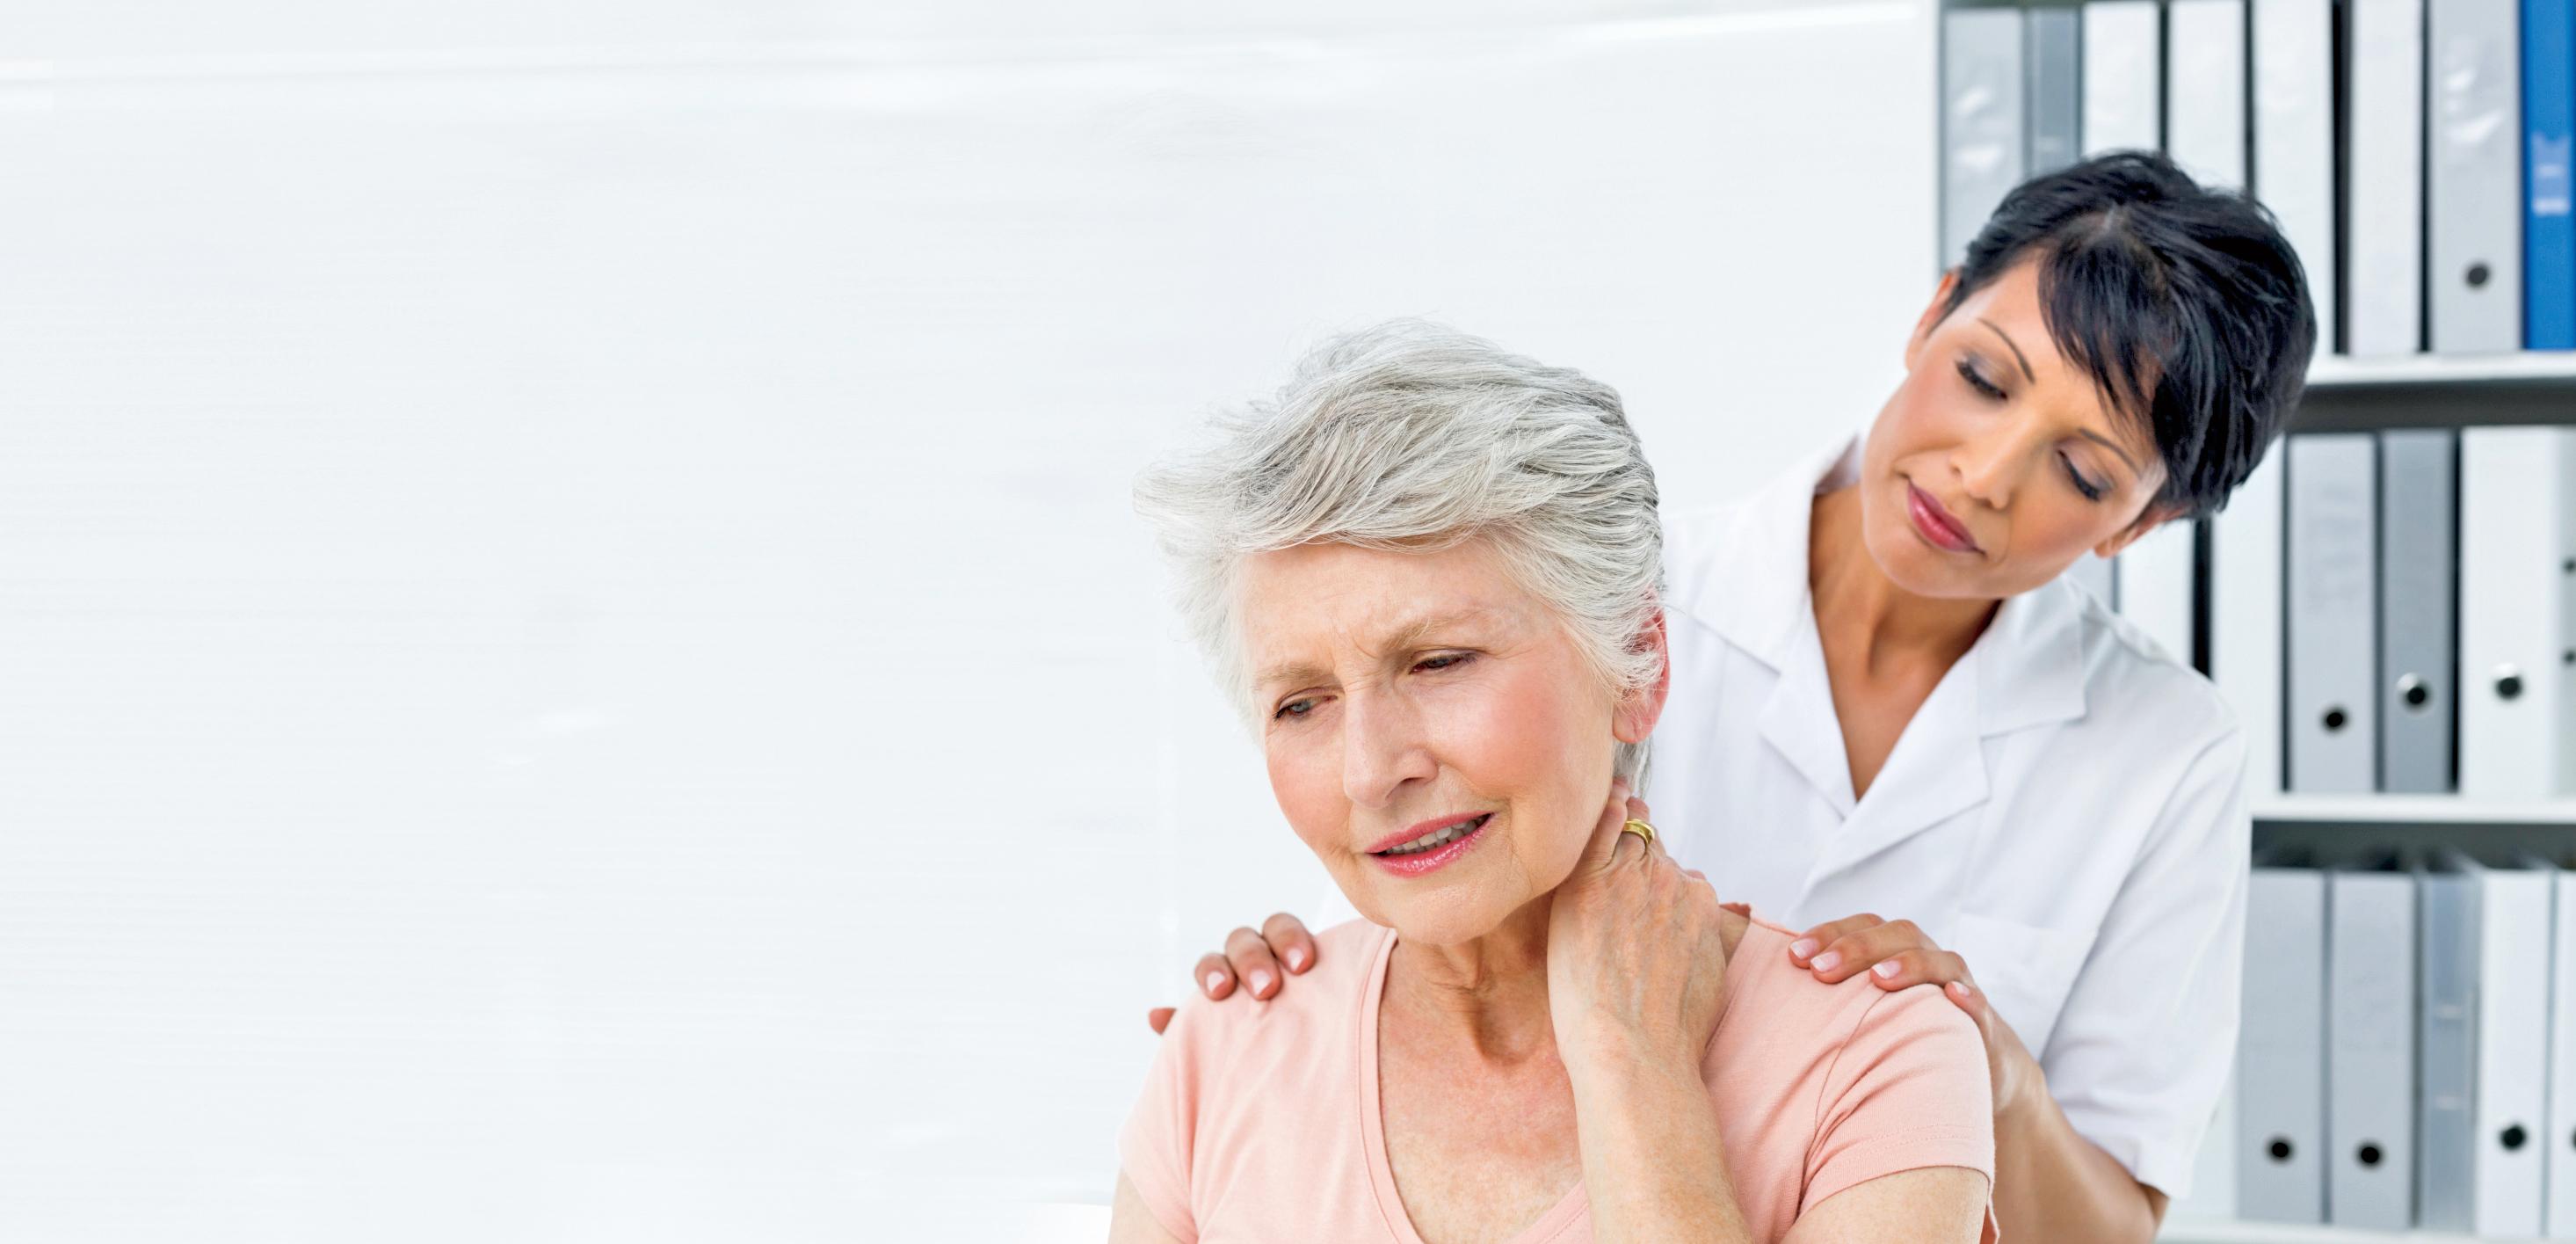 針灸、復健、少側睡有效遠離肩膀疼痛